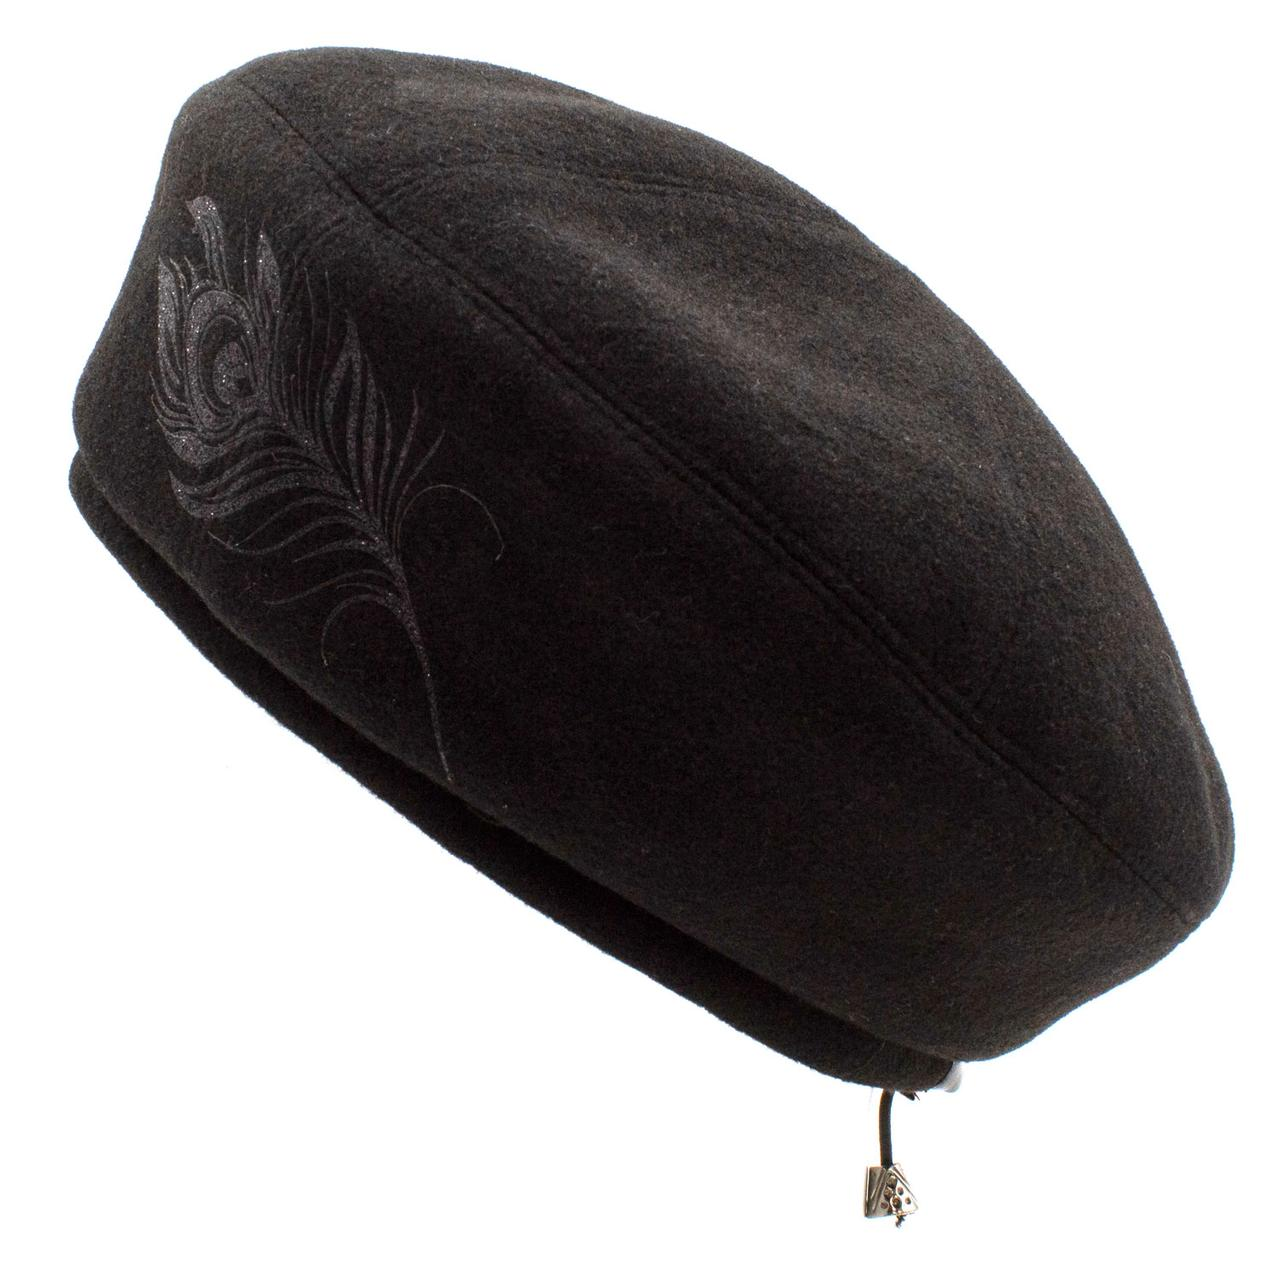 Берет женский Marmilen Kent&Aver Кашемировый  перо чёрный размер 58-59 ( 1003-8475 m )